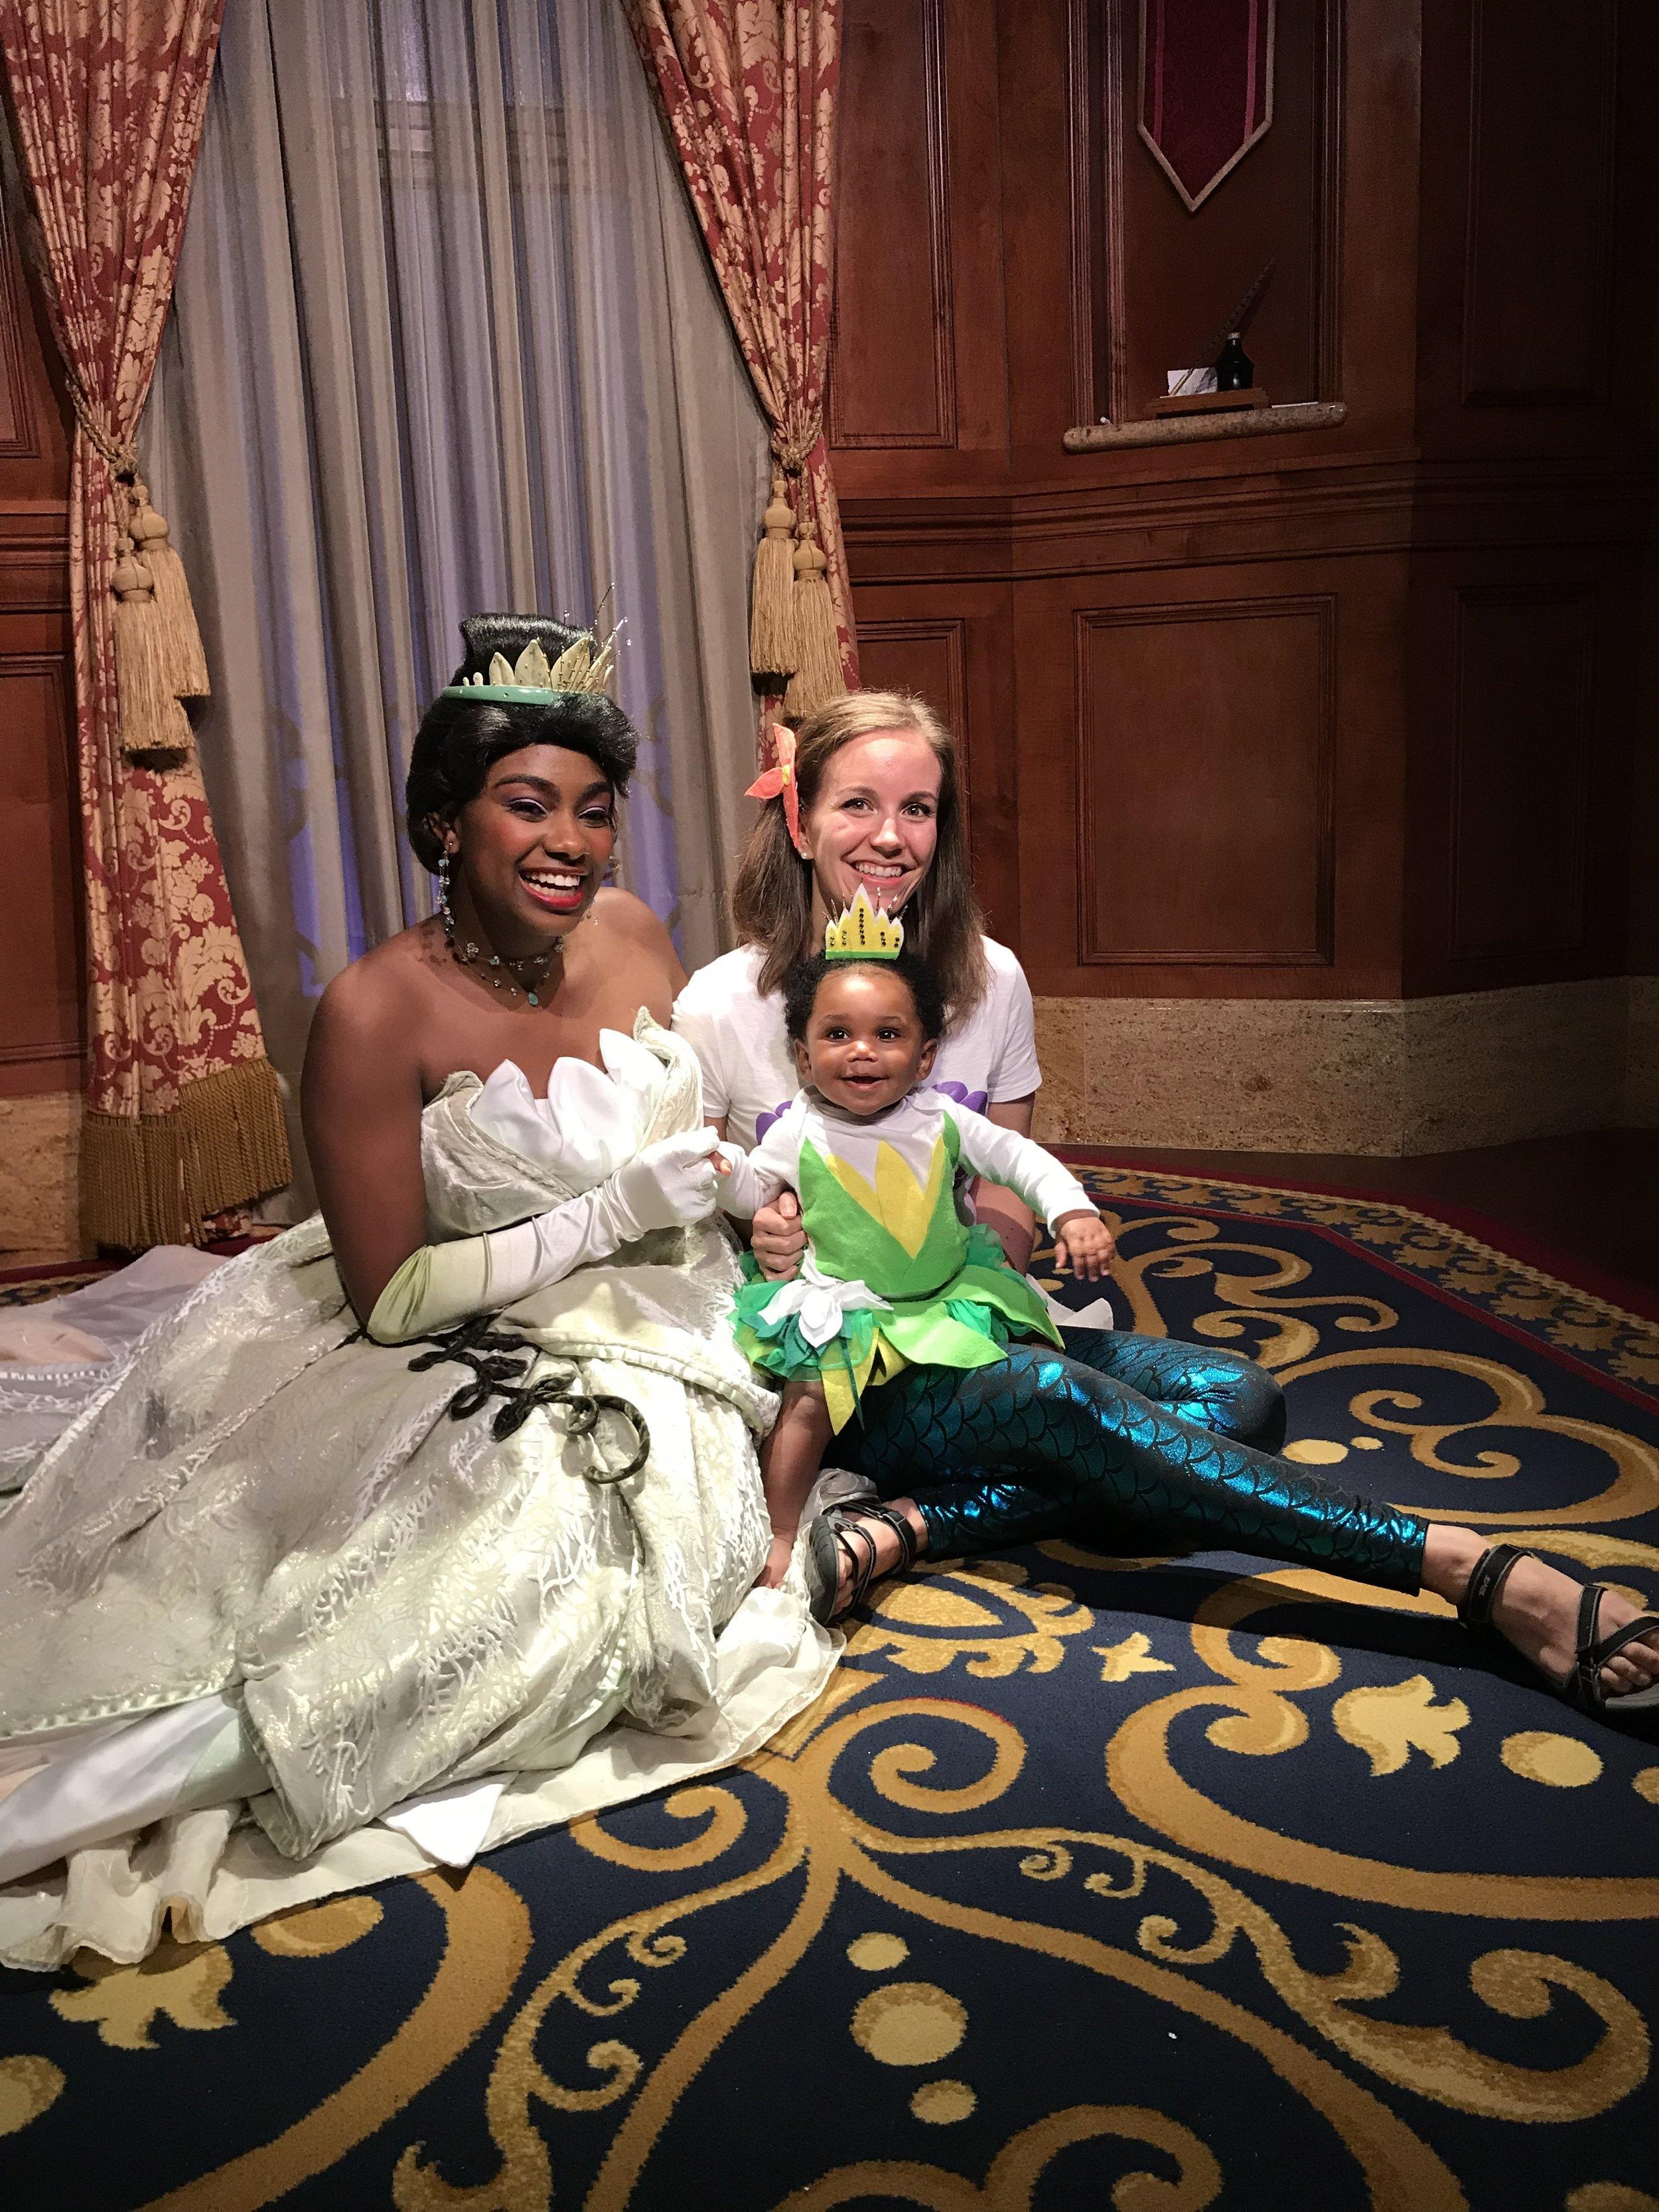 Visiting Princess Tiana at Disney World